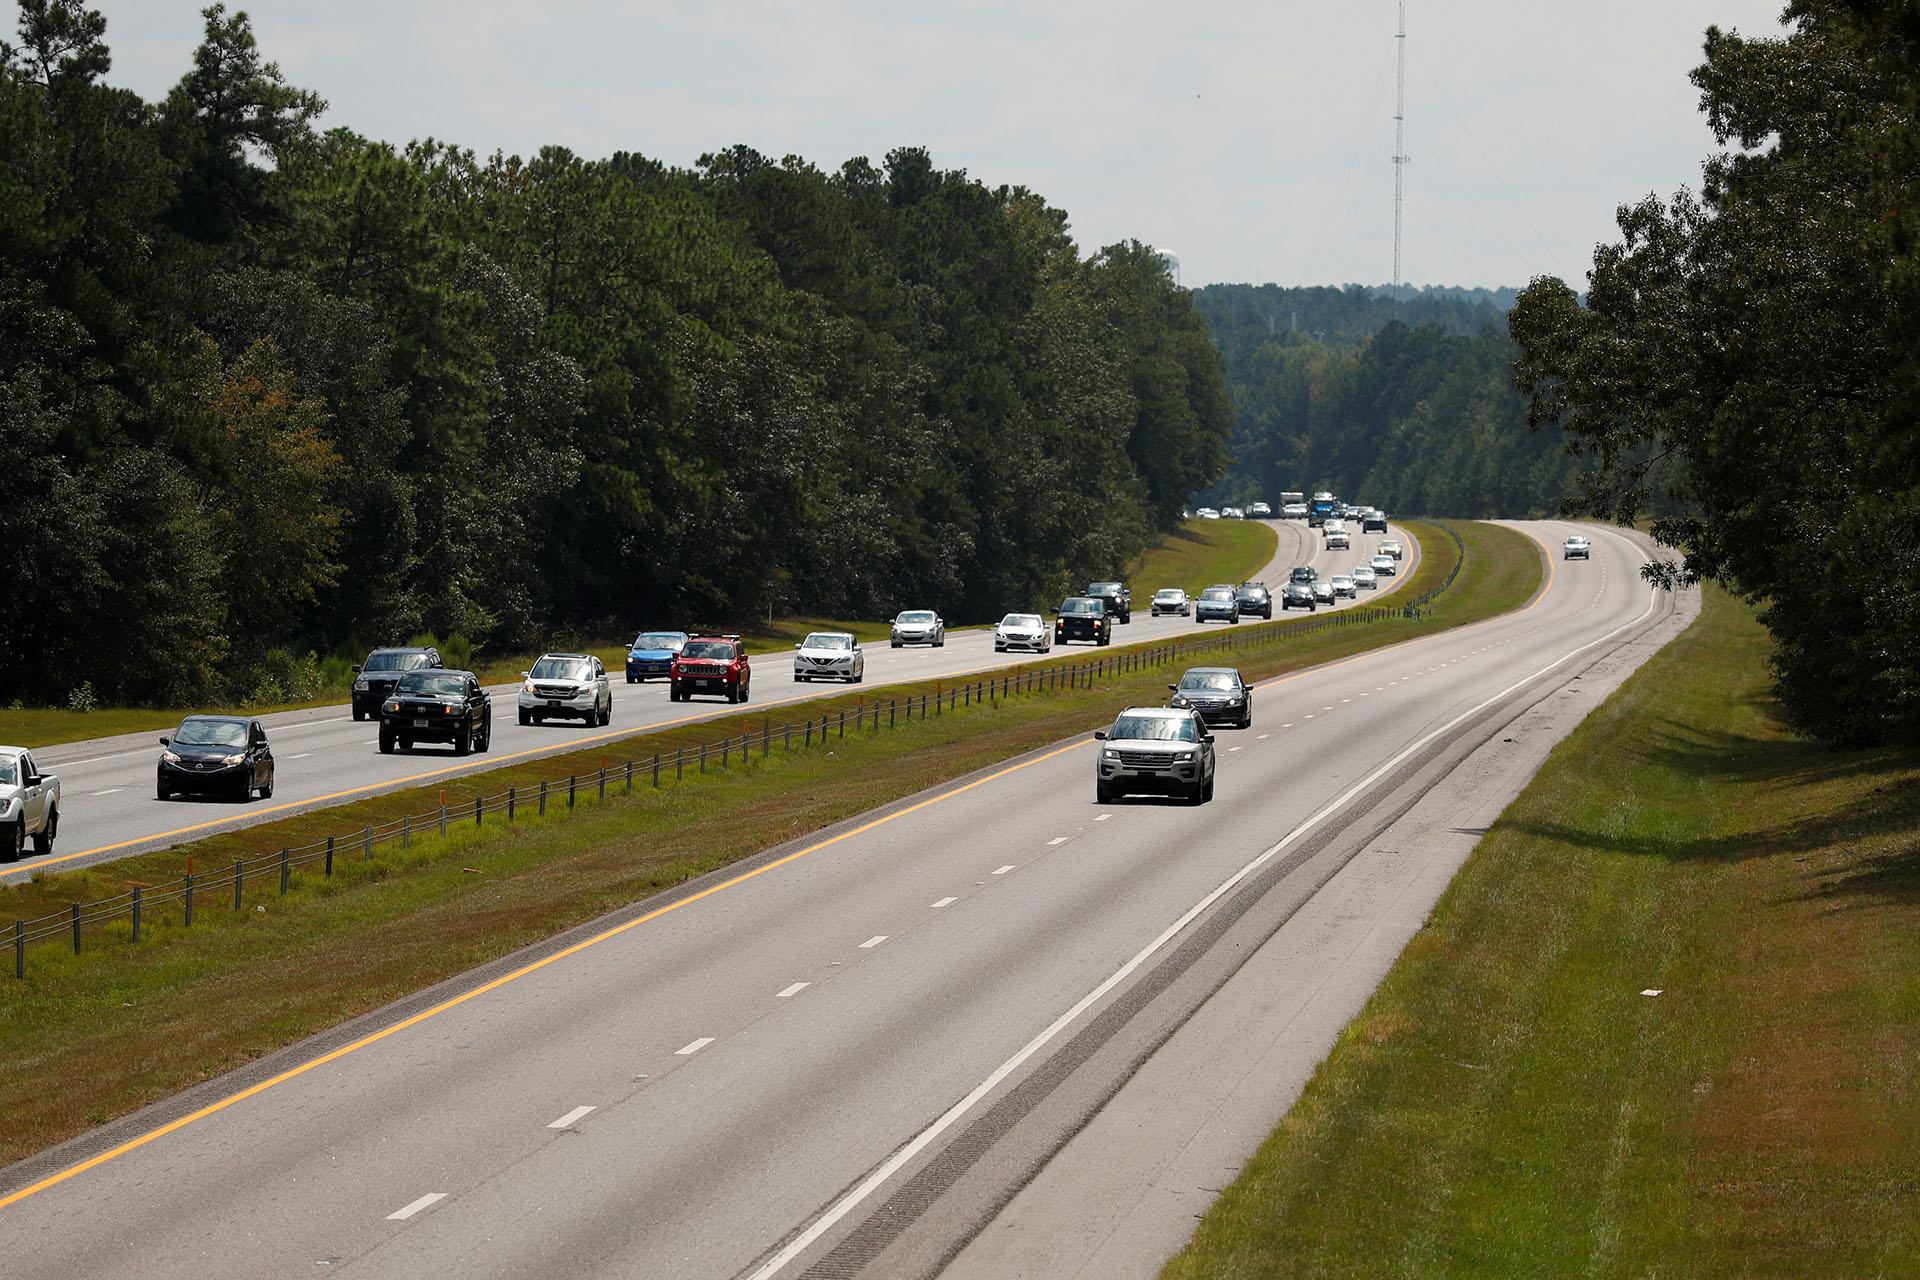 Cientos de autosviajan hacia el oeste por la carretera interestatal 26 antes de la llegada del huracán Florence cerca de Orangeburg, Carolina del Sur (REUTERS/Chris Keane)